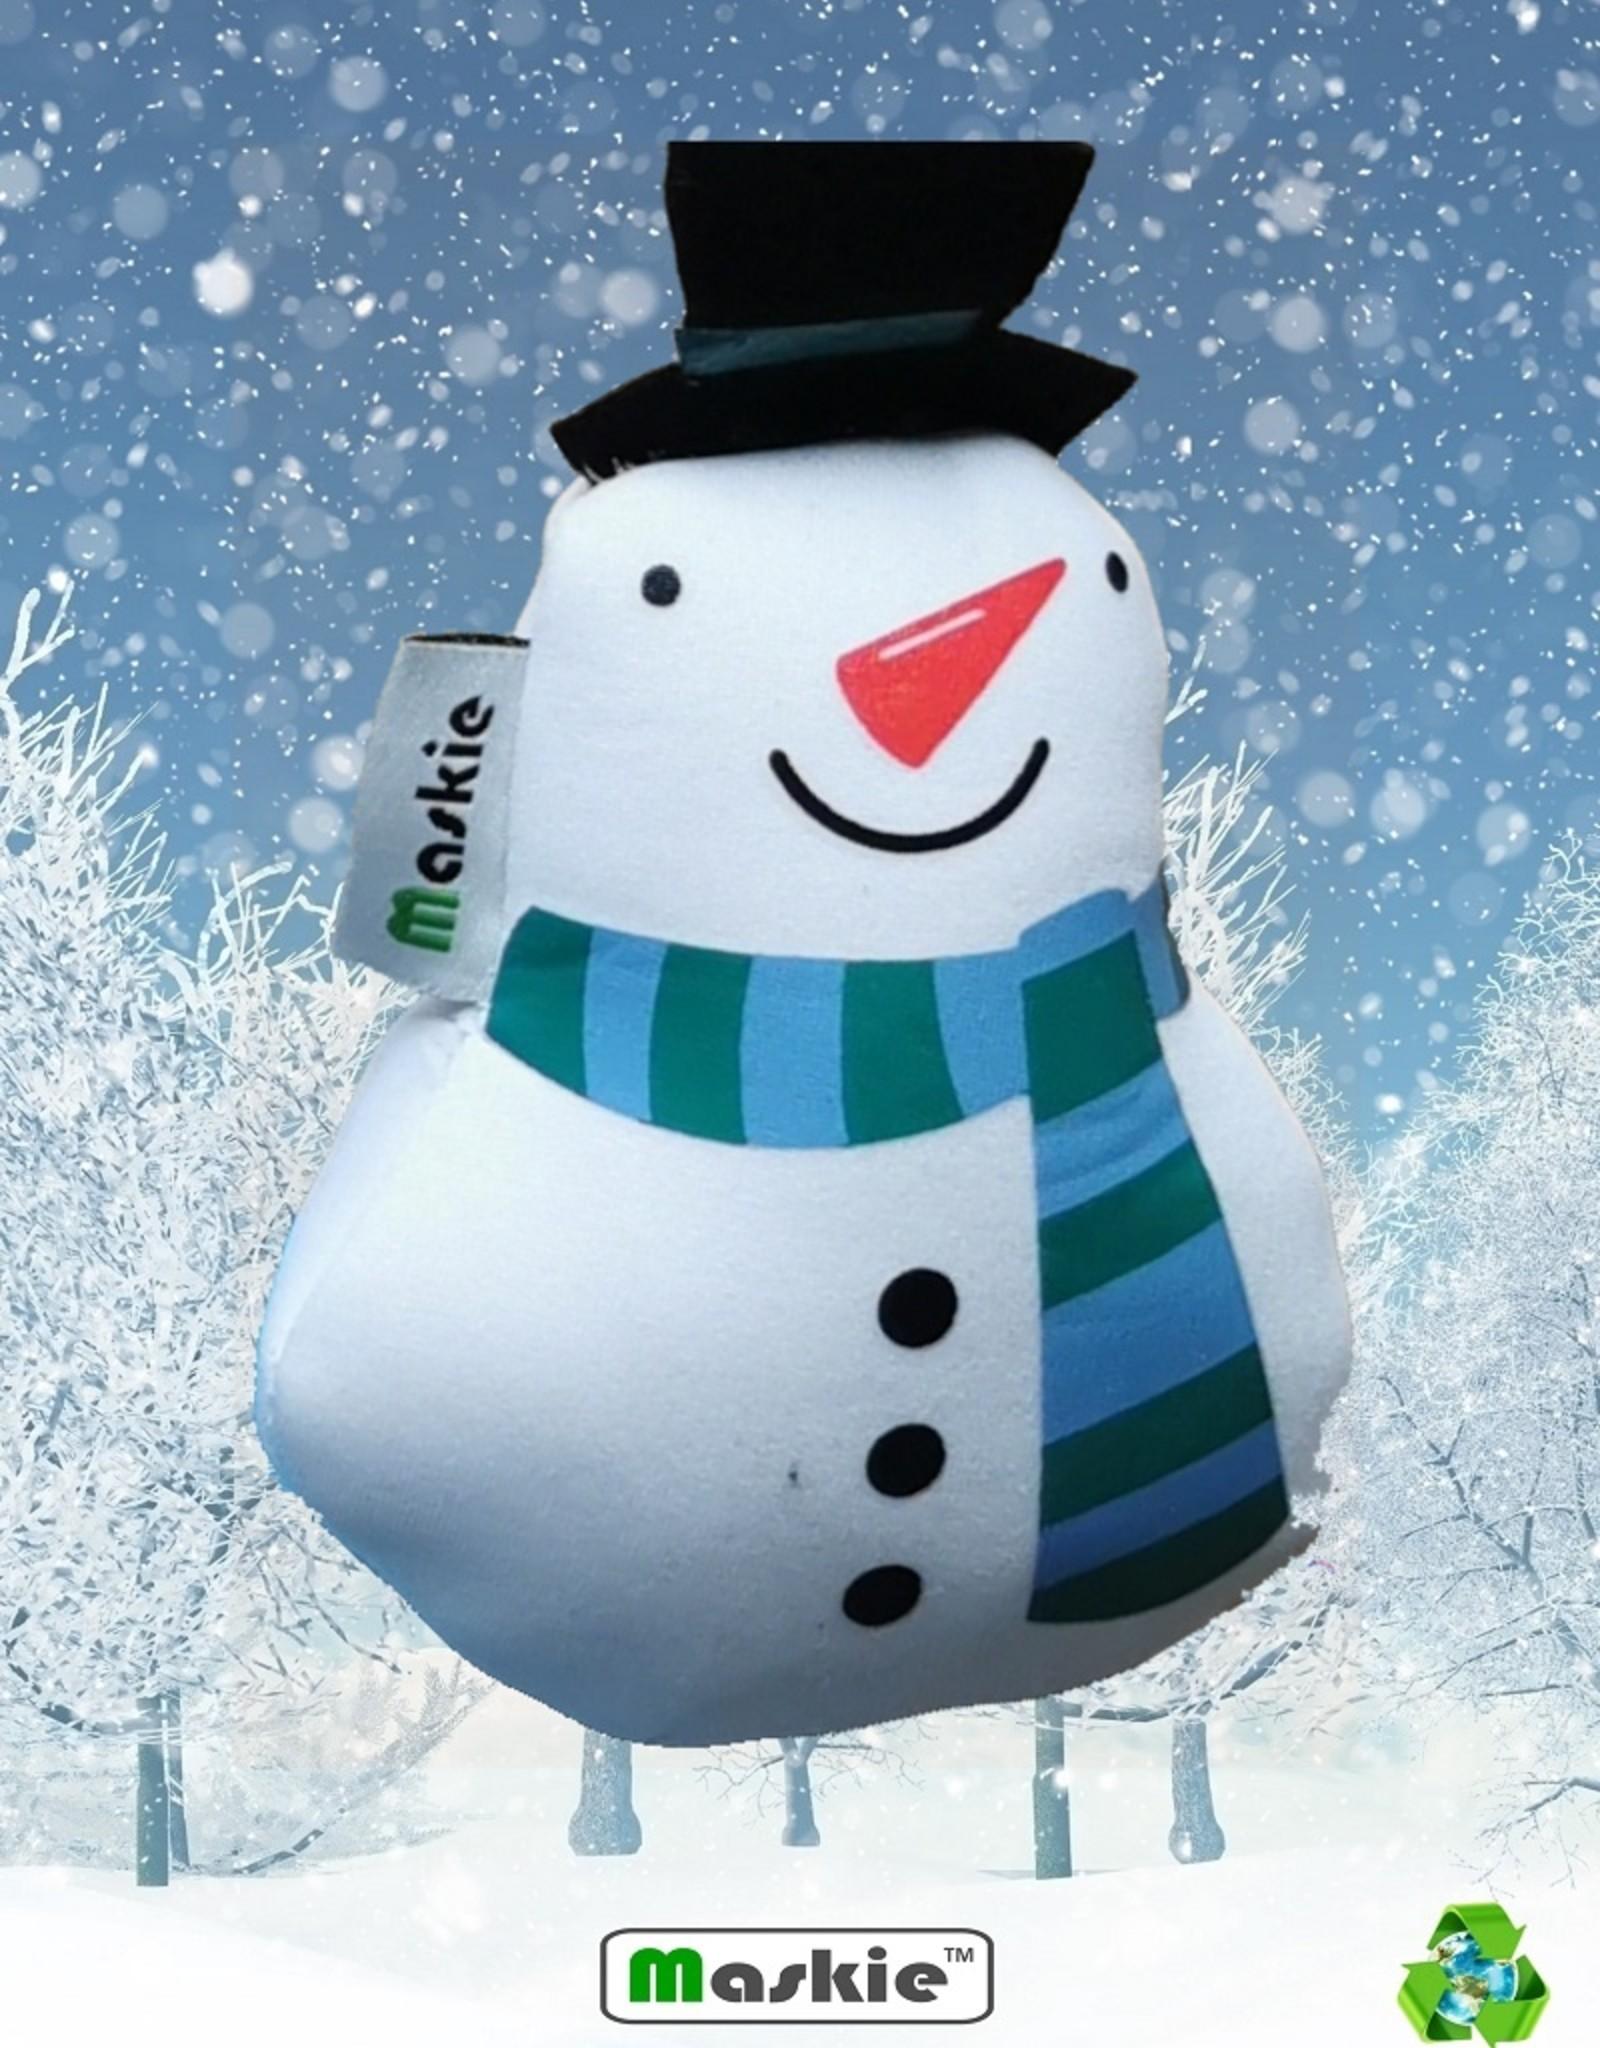 Gratuitement: Sac de bonhomme de neige - pliable